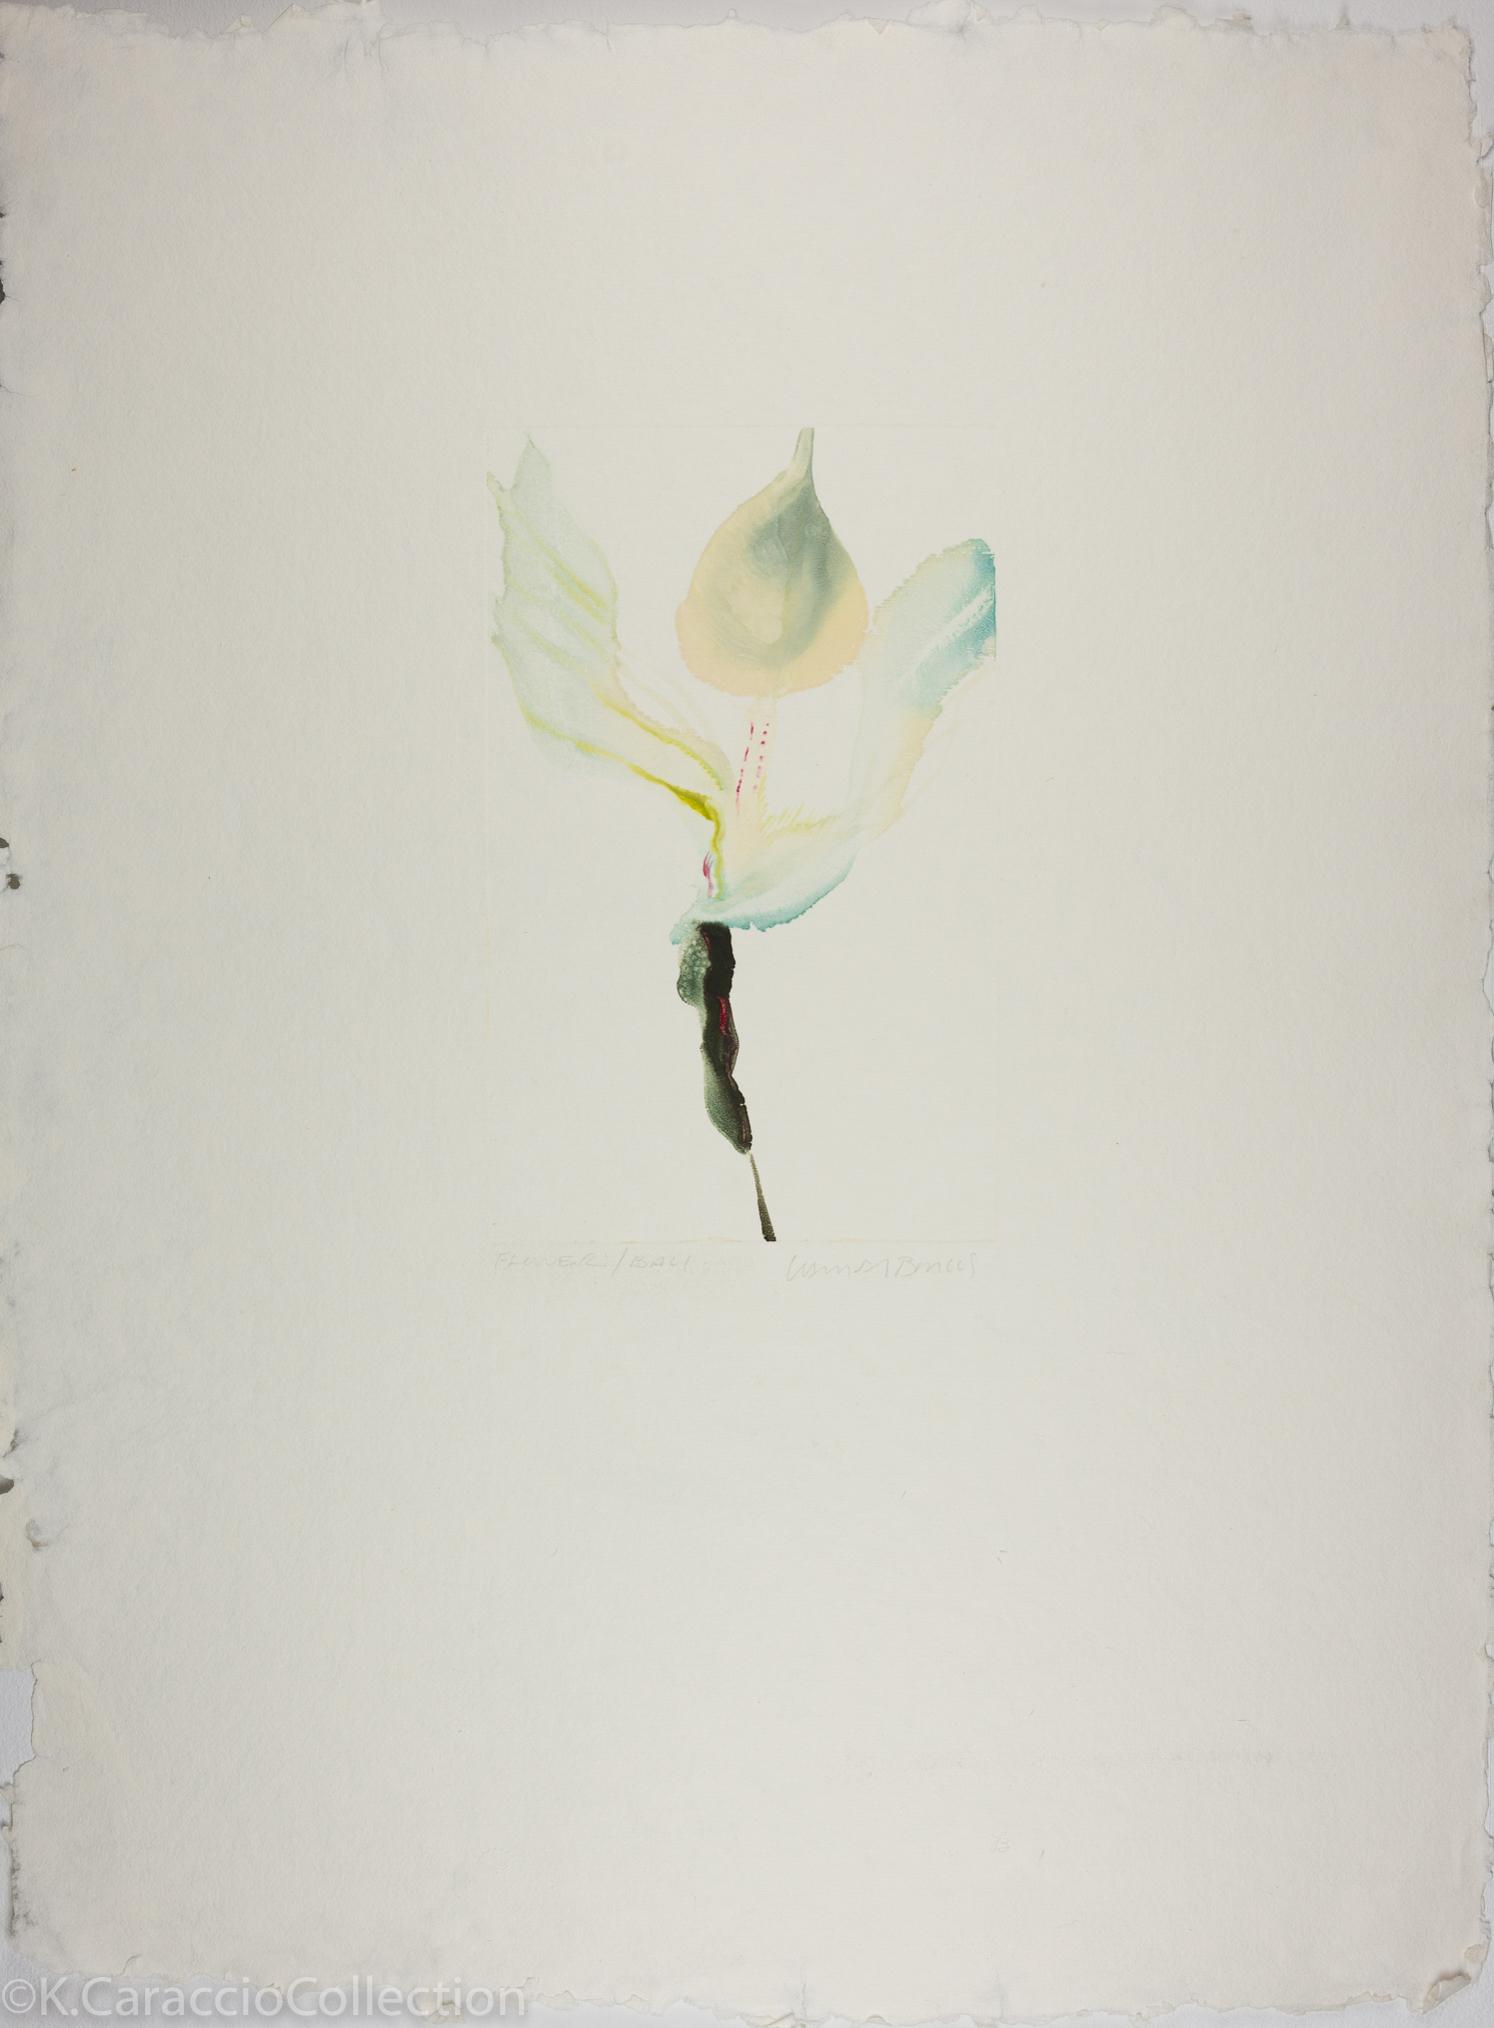 Flower/Bali, 1981